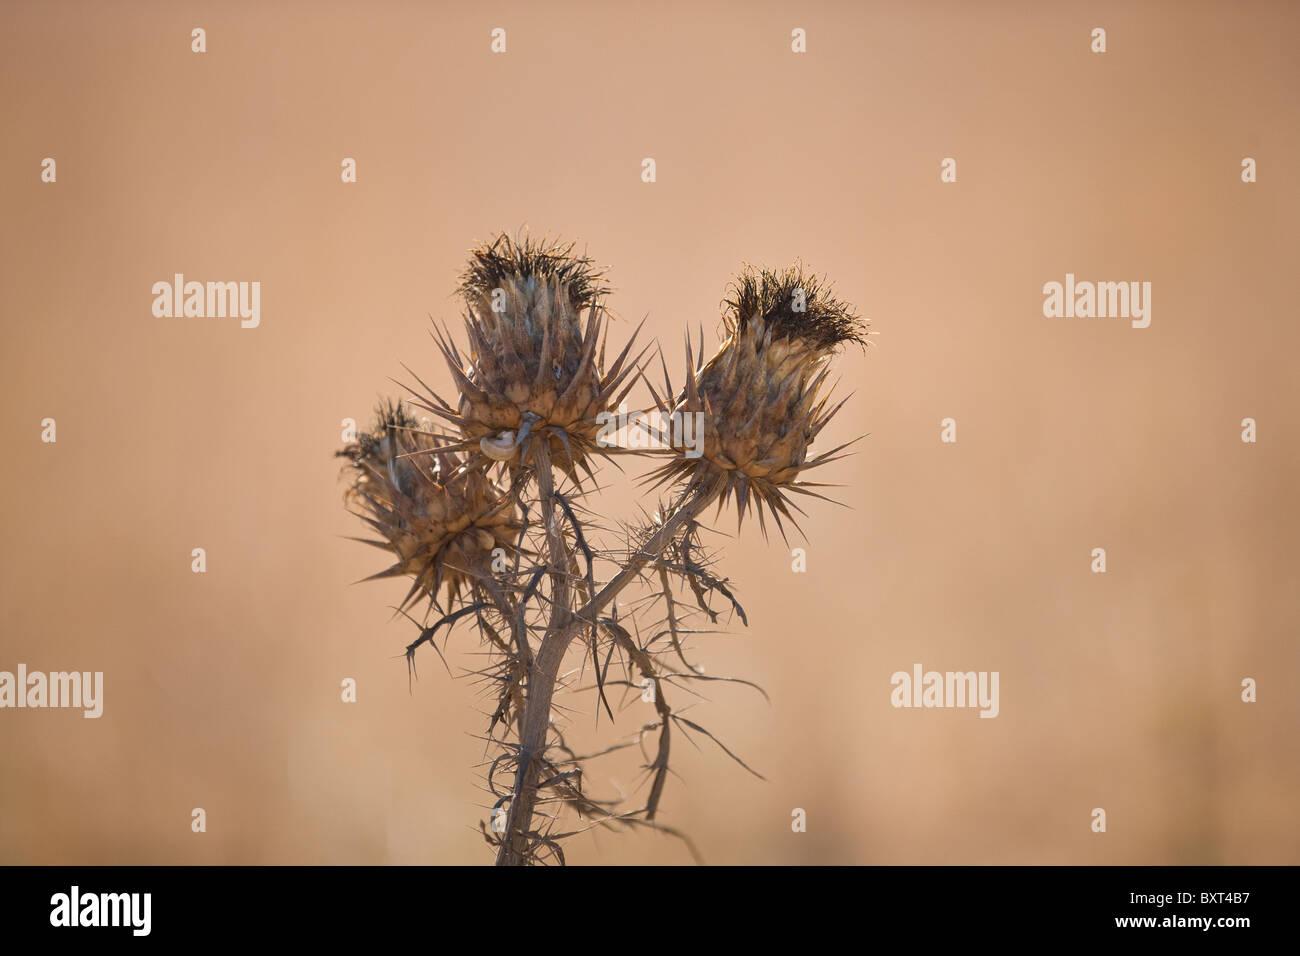 Fleurs De Chardon Seche Banque D Images Photo Stock 33721723 Alamy